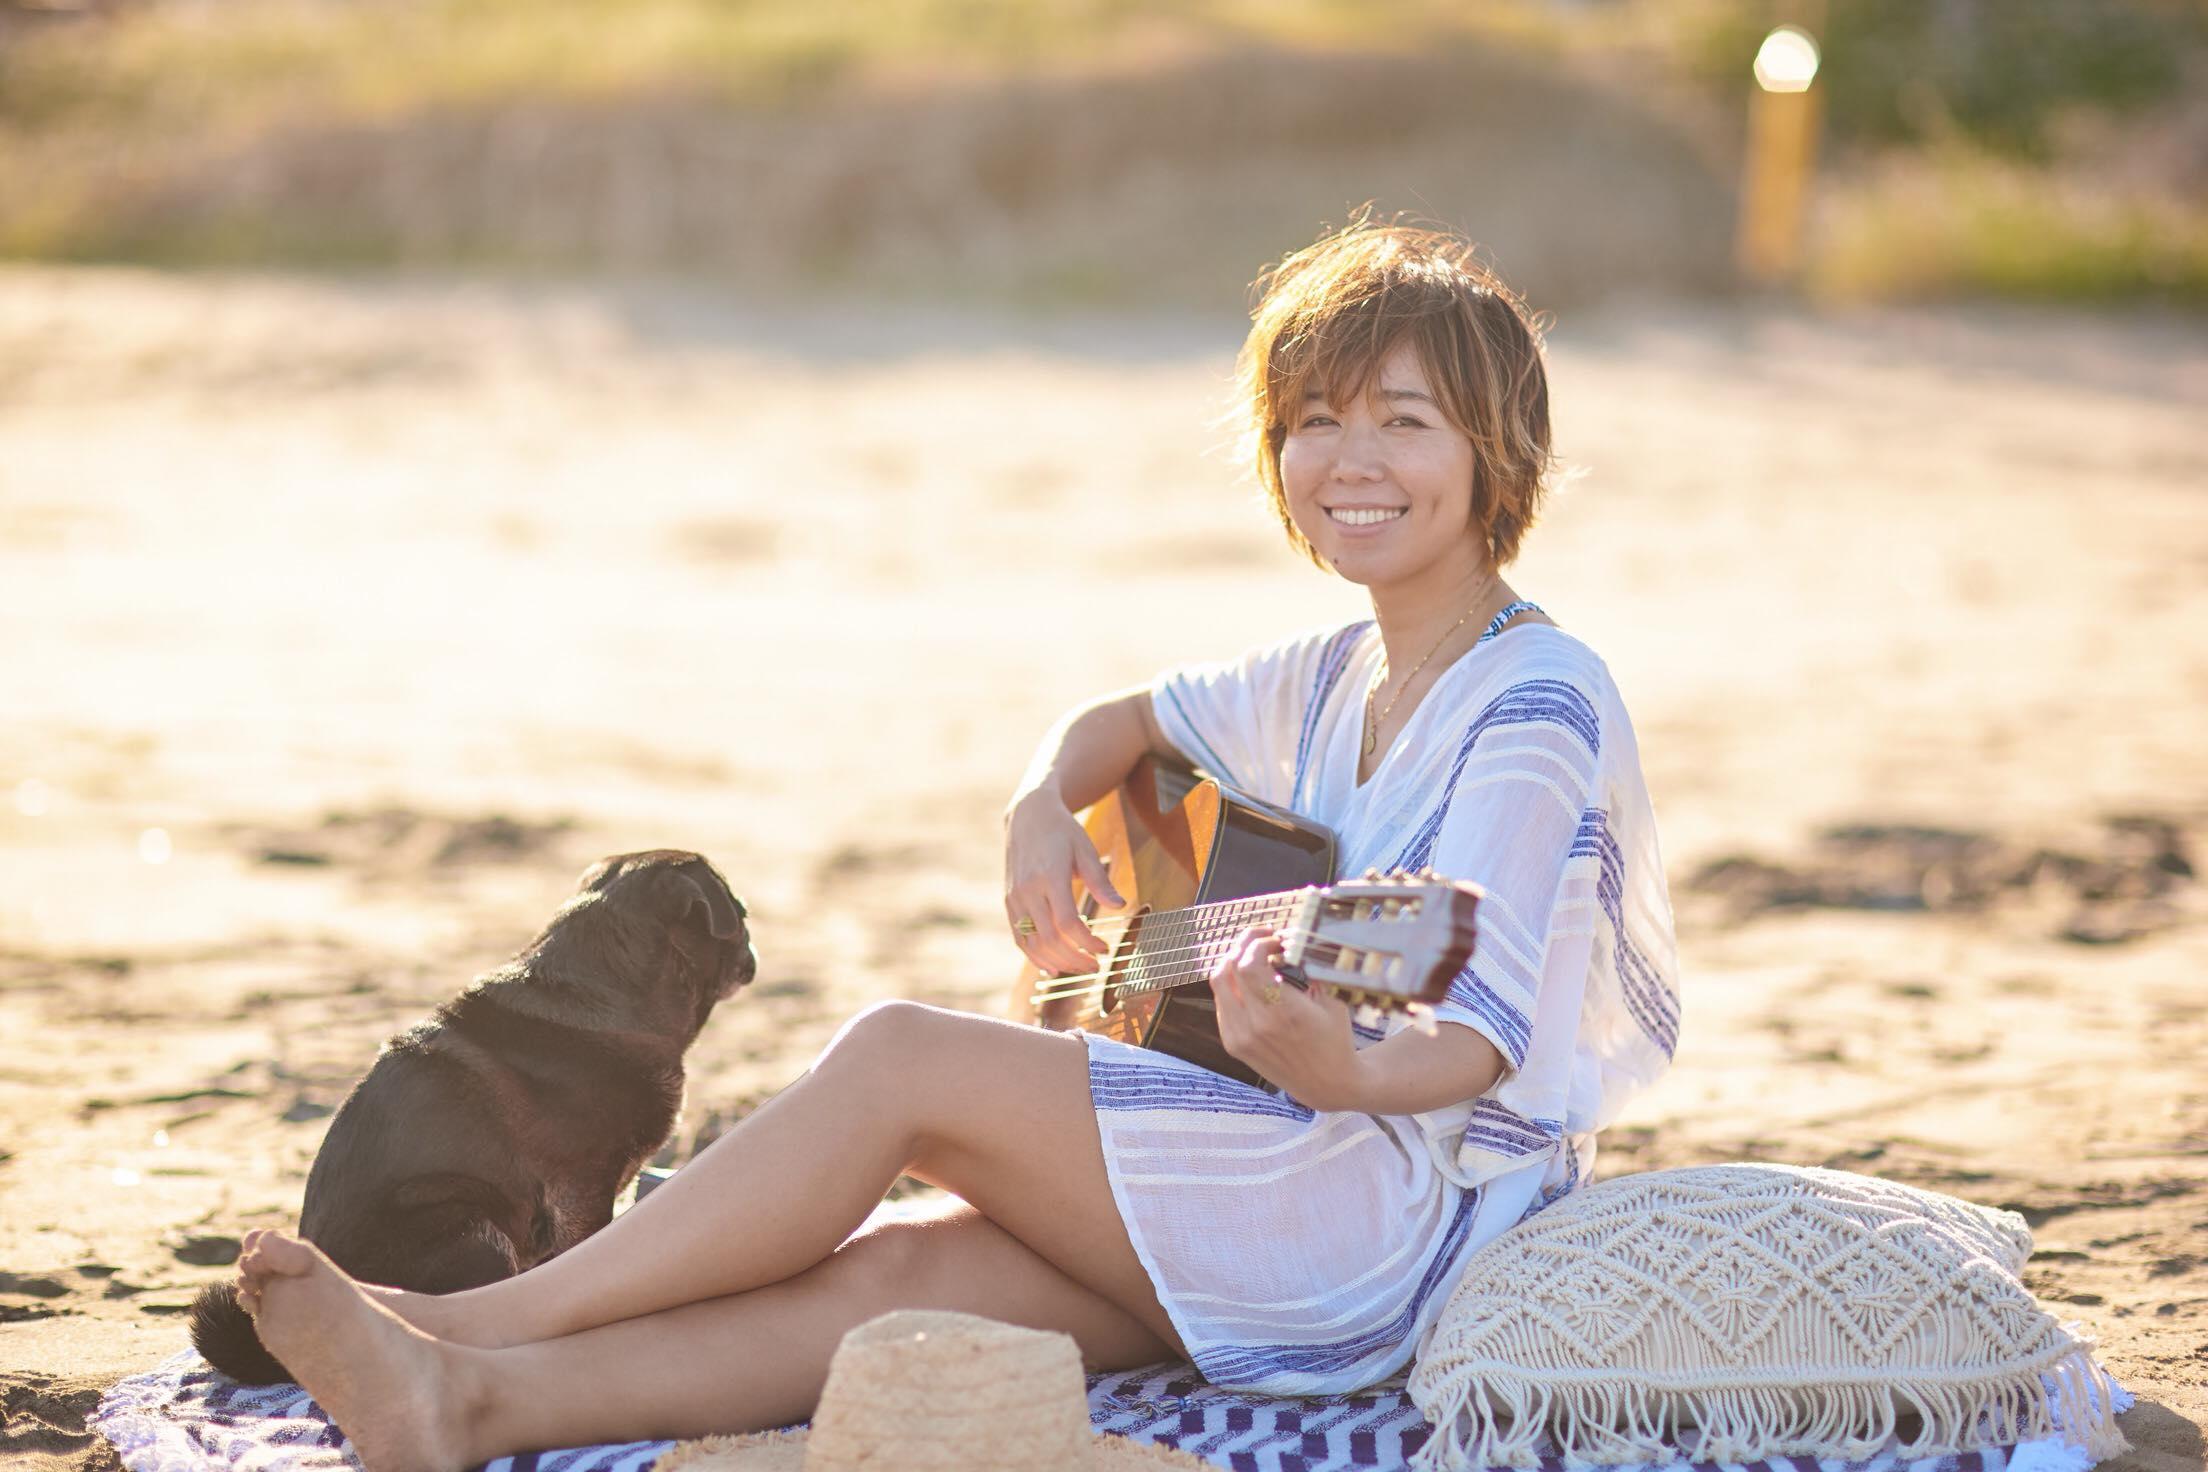 Lisa Halimが、海辺が似合うビーチスタイルミュージック! 洋楽・邦楽のヒットチューン・カバーアルバムをリリース